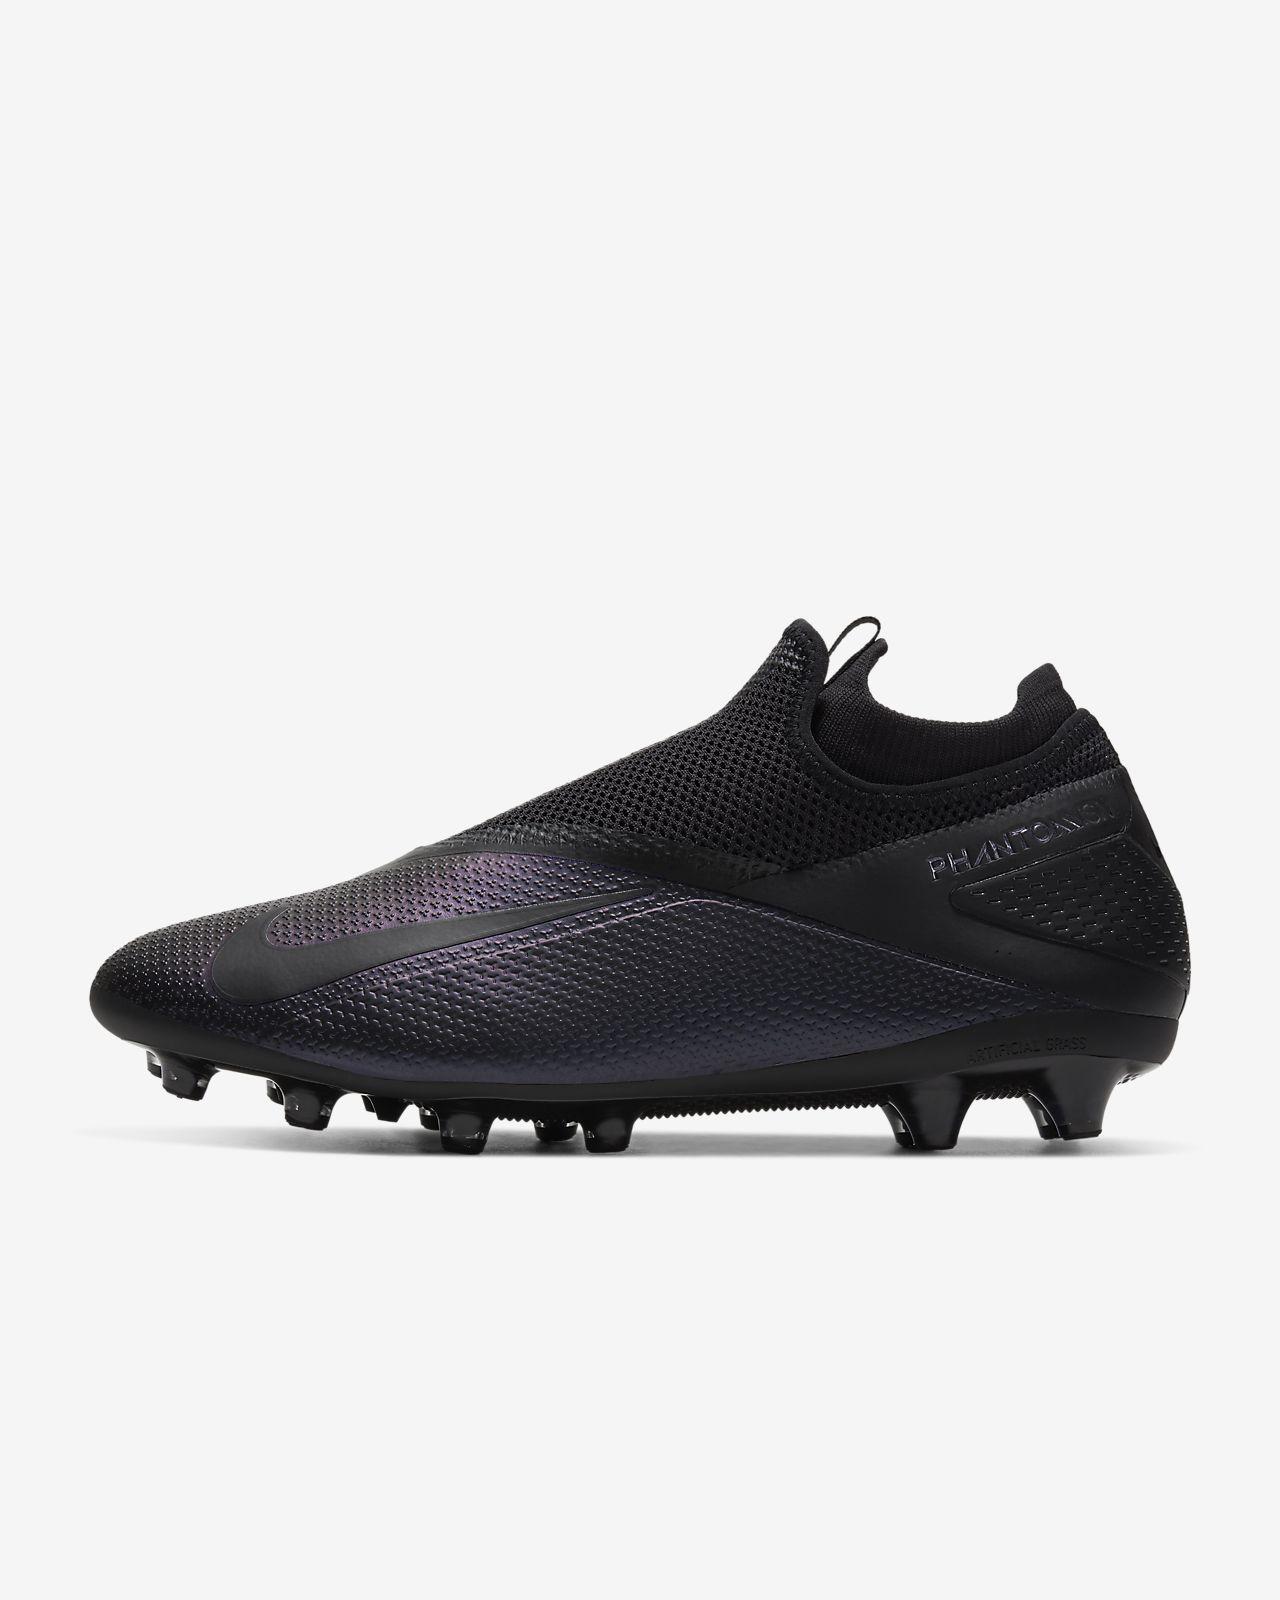 Nike Phantom Vision 2 Pro Dynamic Fit AG-PRO Fußballschuh für Kunstrasen